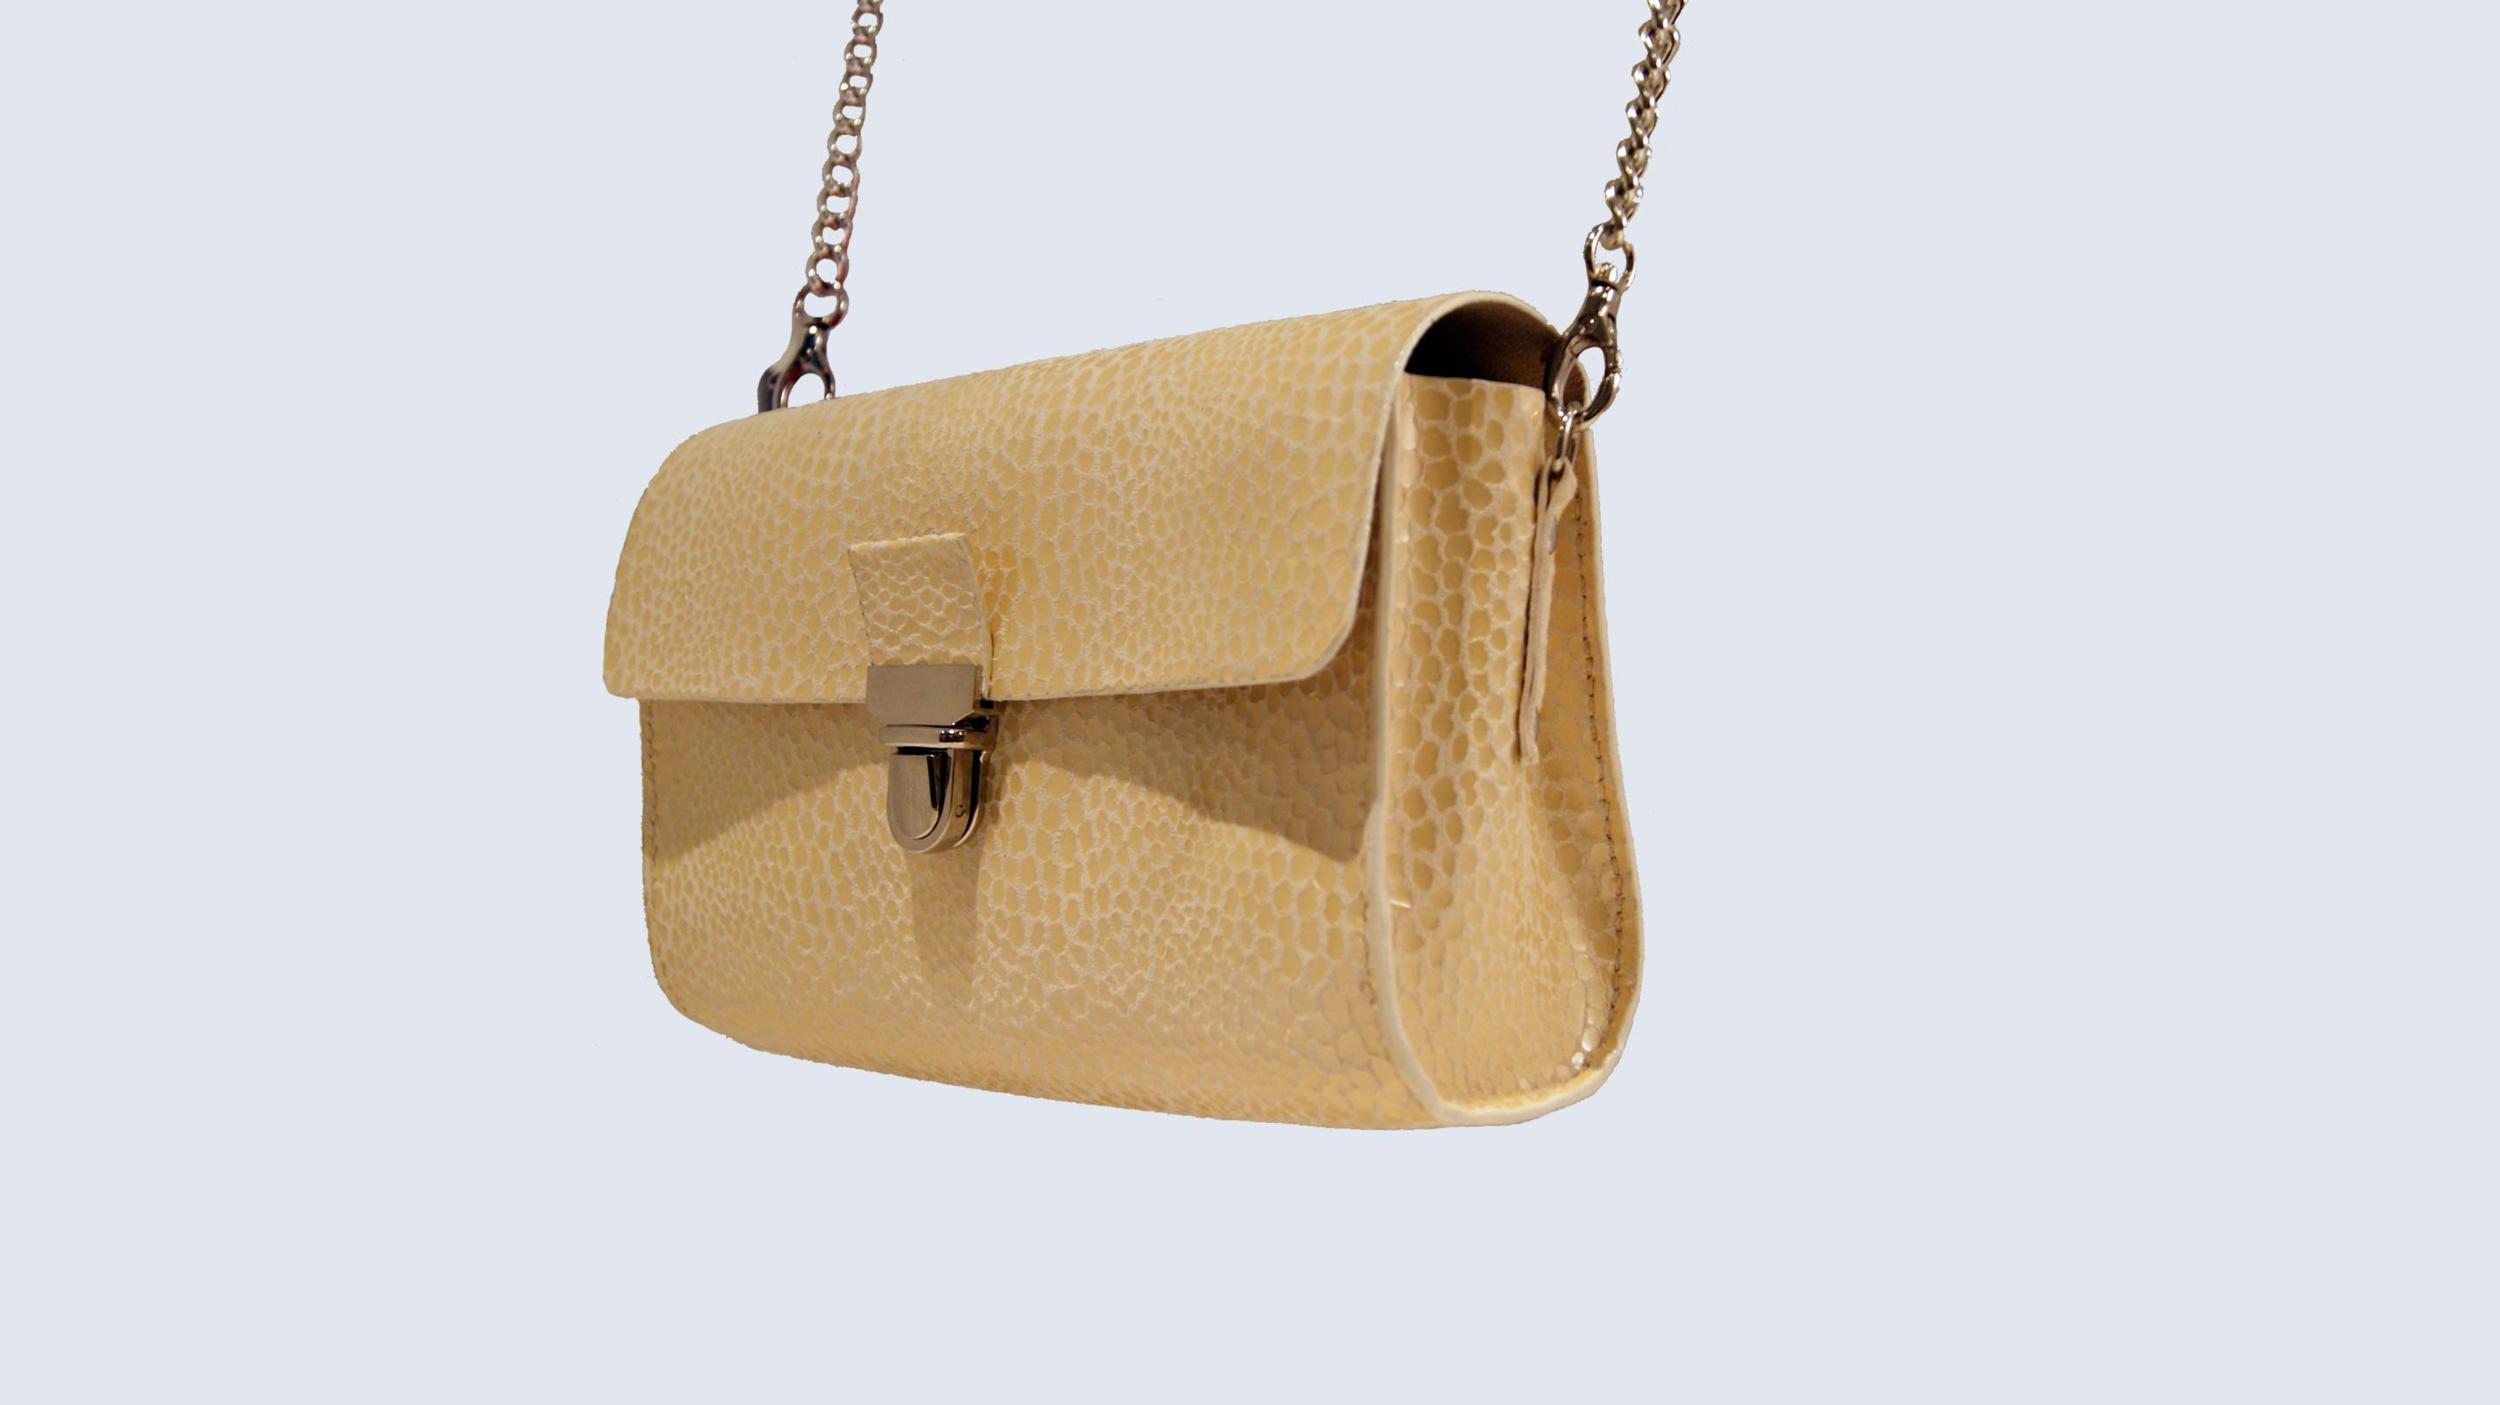 JAÏPUR sac porté épaule ou croisé en cuir de veau bulle de champagne